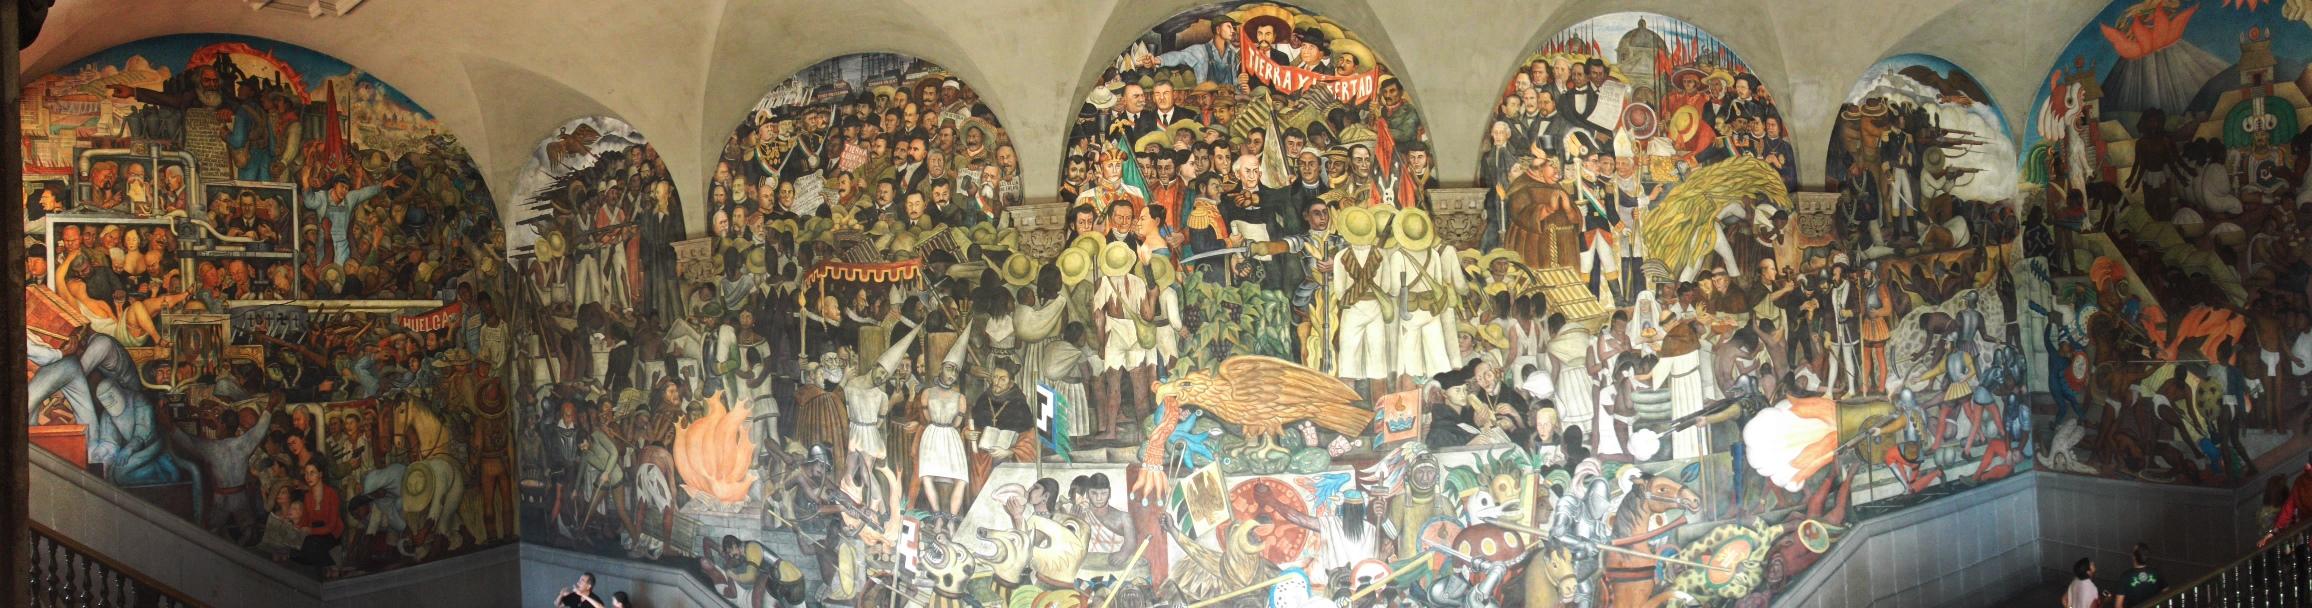 Diego Riveras Mexiko-Geschichte